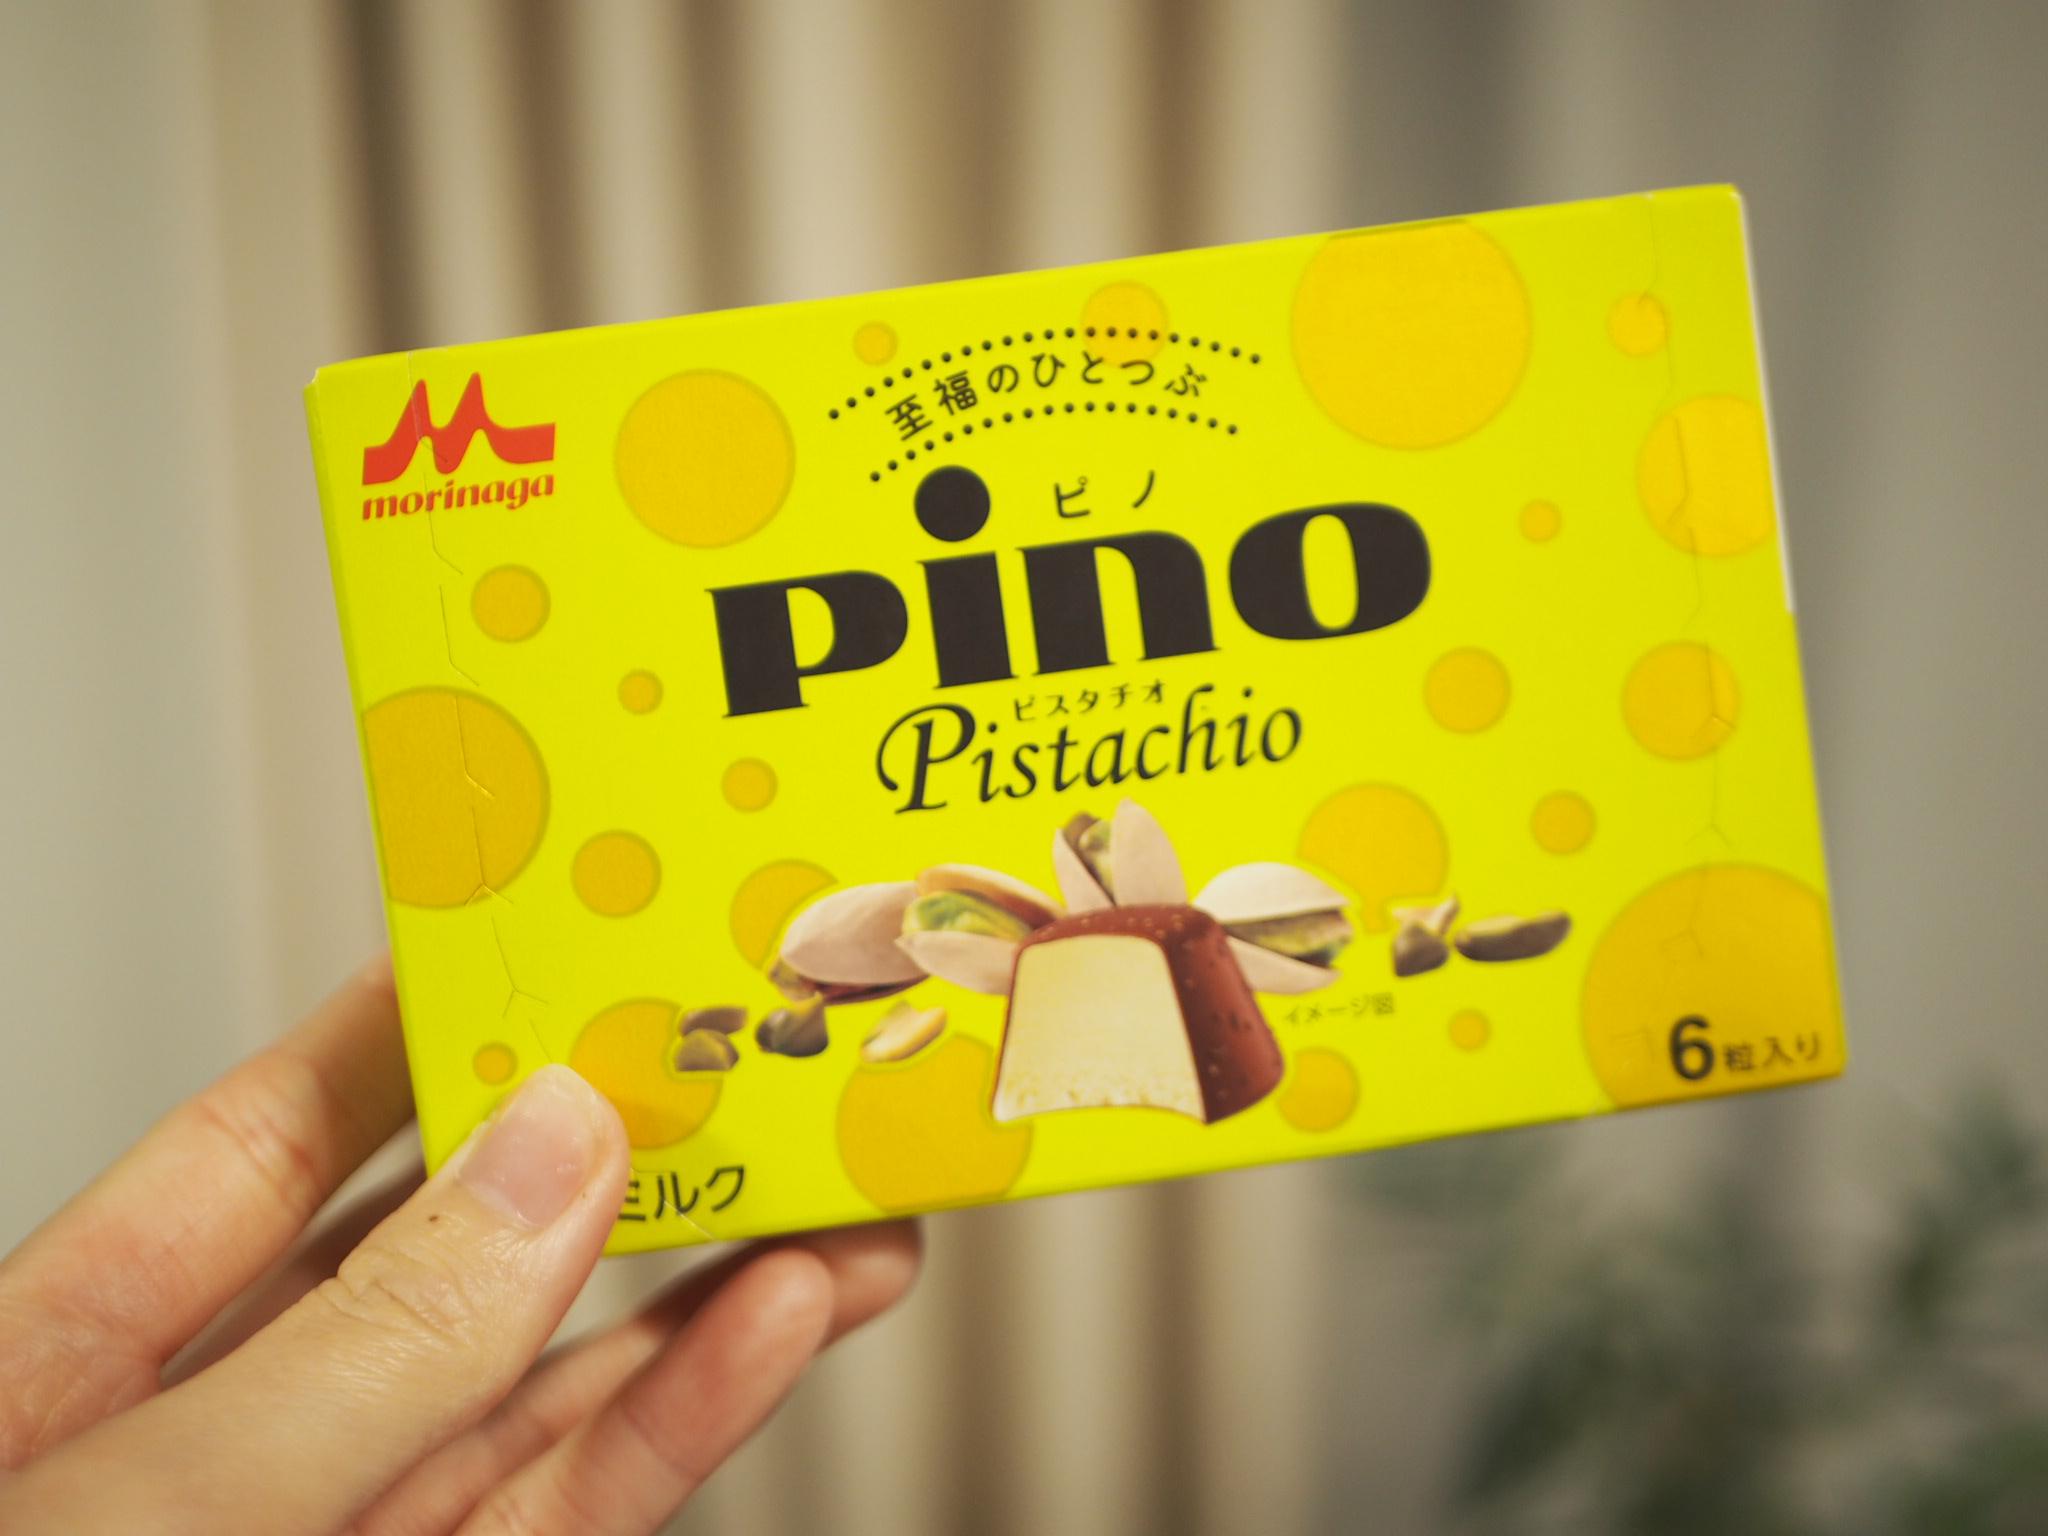 【ピノ史上初登場】のピスタチオ味♡♡ 気になるお味と販売期間は?_5